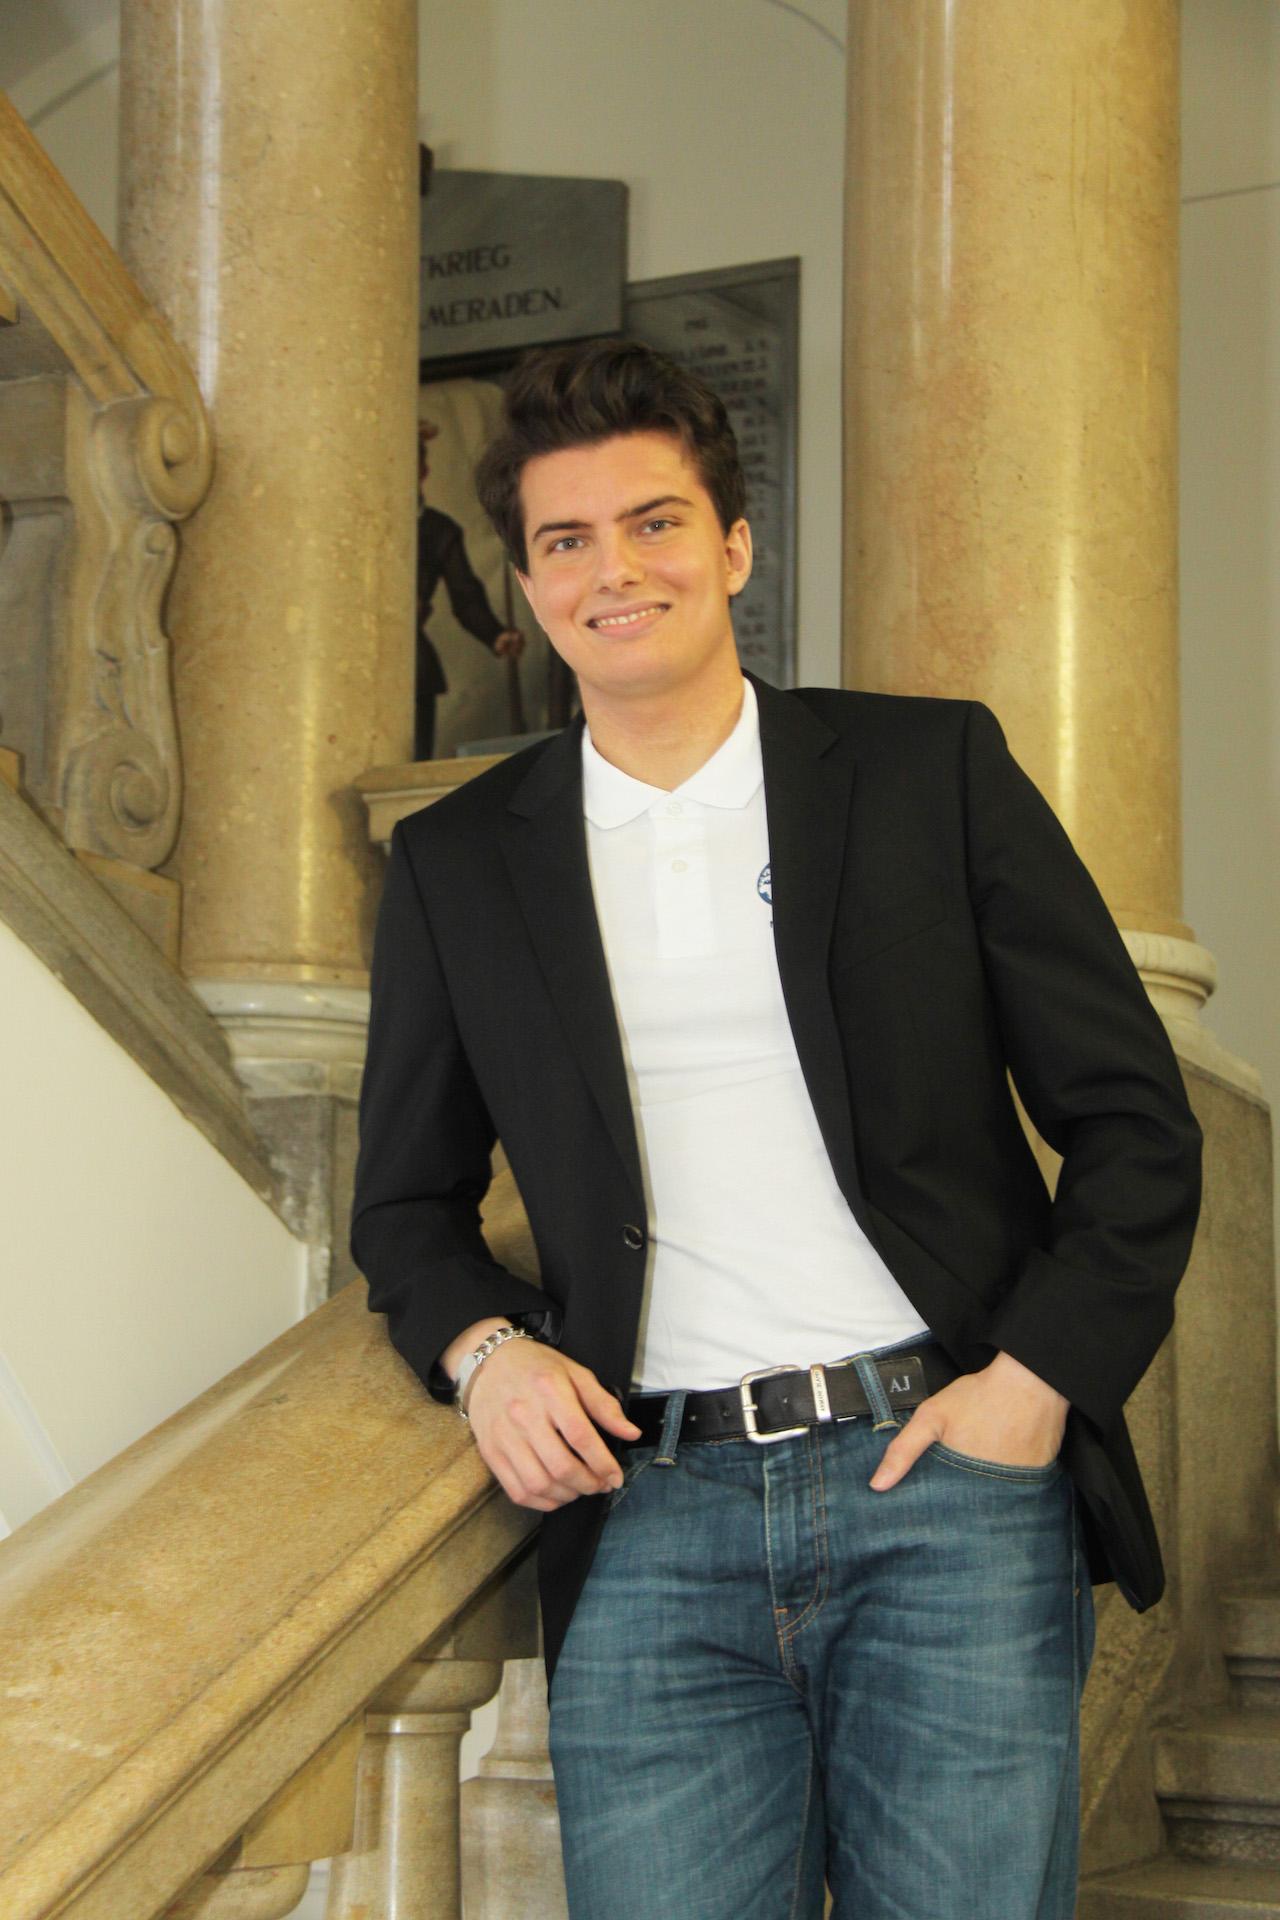 Tarek El Mesallamy - Public Relation Officer - Sponsoring